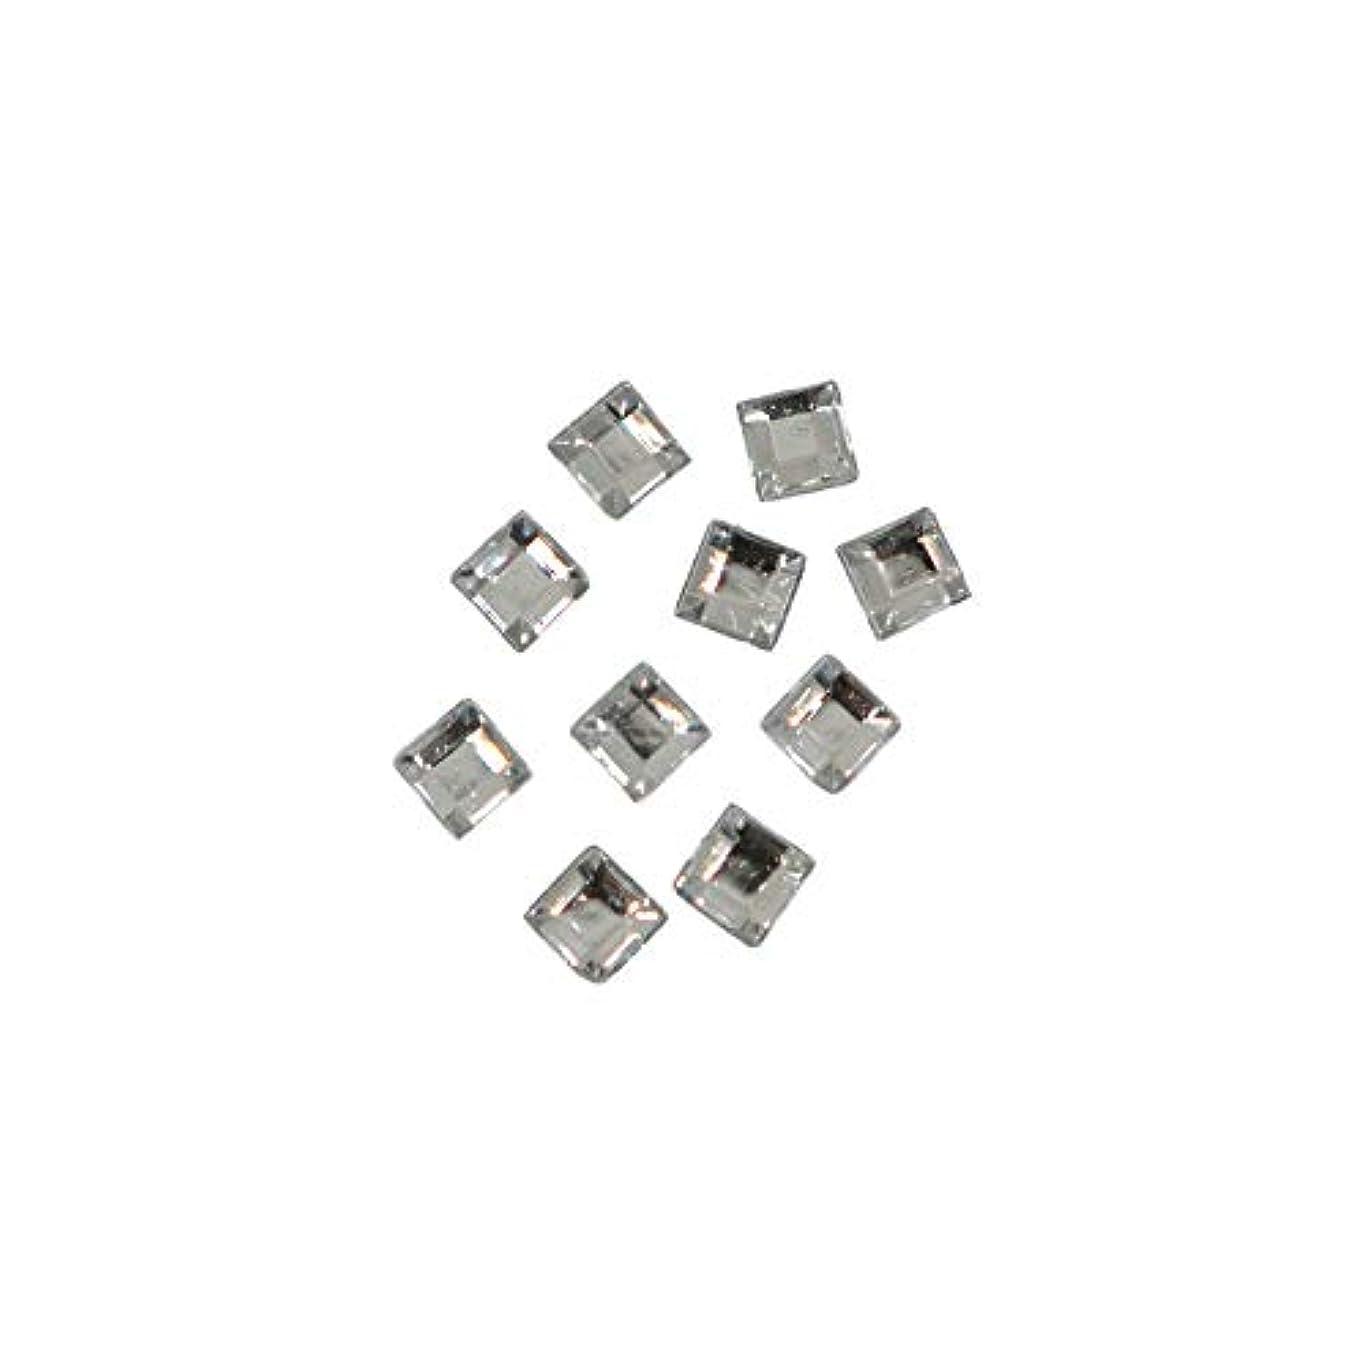 そばに市民権撤退スクエアストーン 30粒 / 色々使える四角いアクリルストーン (クリスタル2.5mm)